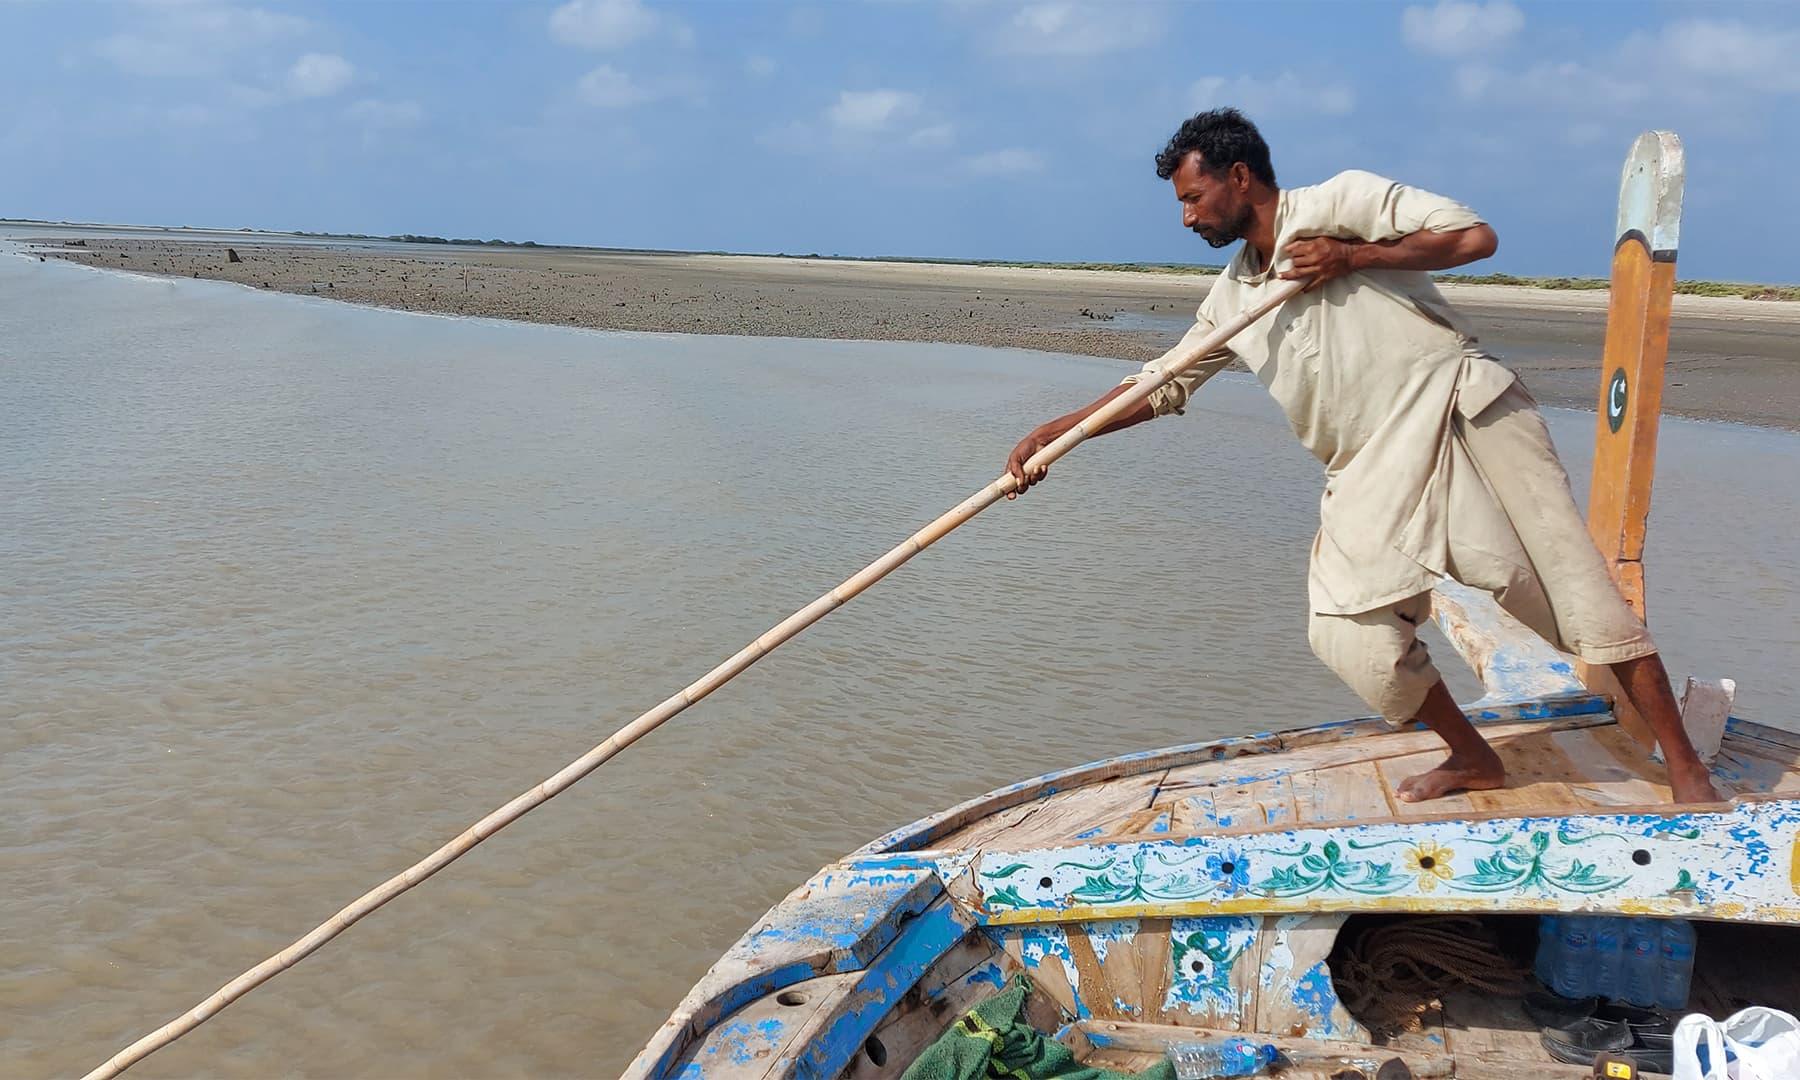 ماہی گیروں کے مطابق جب سمندر چڑھتا ہے تو ان جزائر پر پانی بھر جاتا ہے